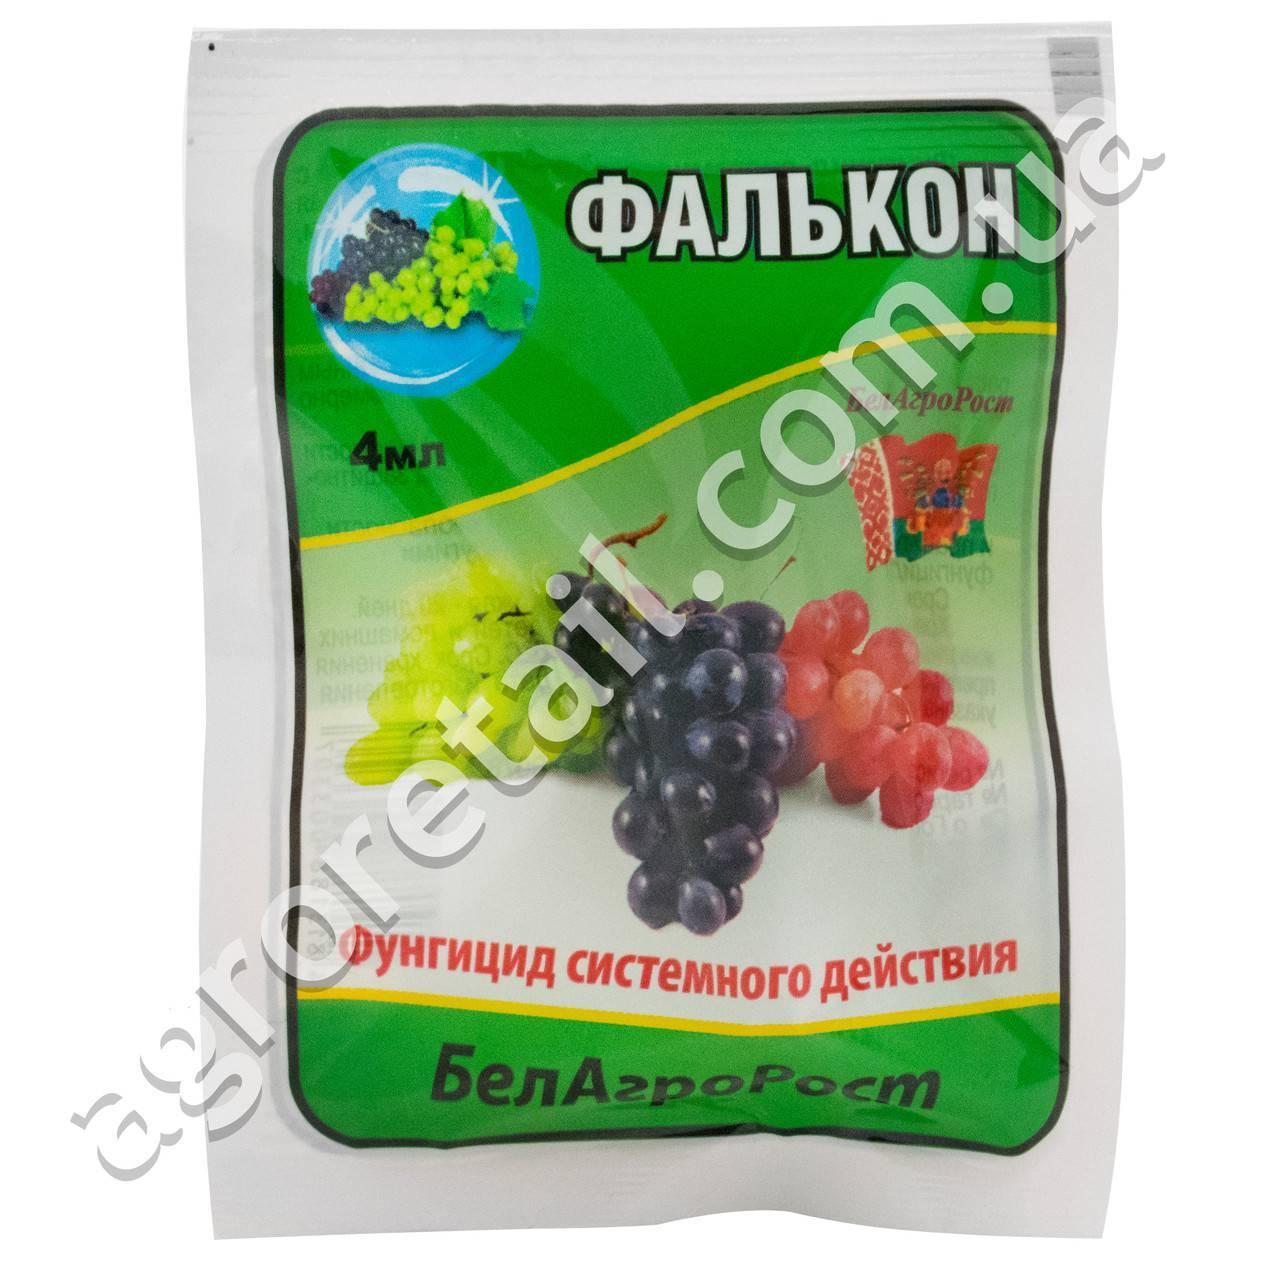 Инструкция по применению, пропорции и сроки обработки винограда фунгицидом «скор»